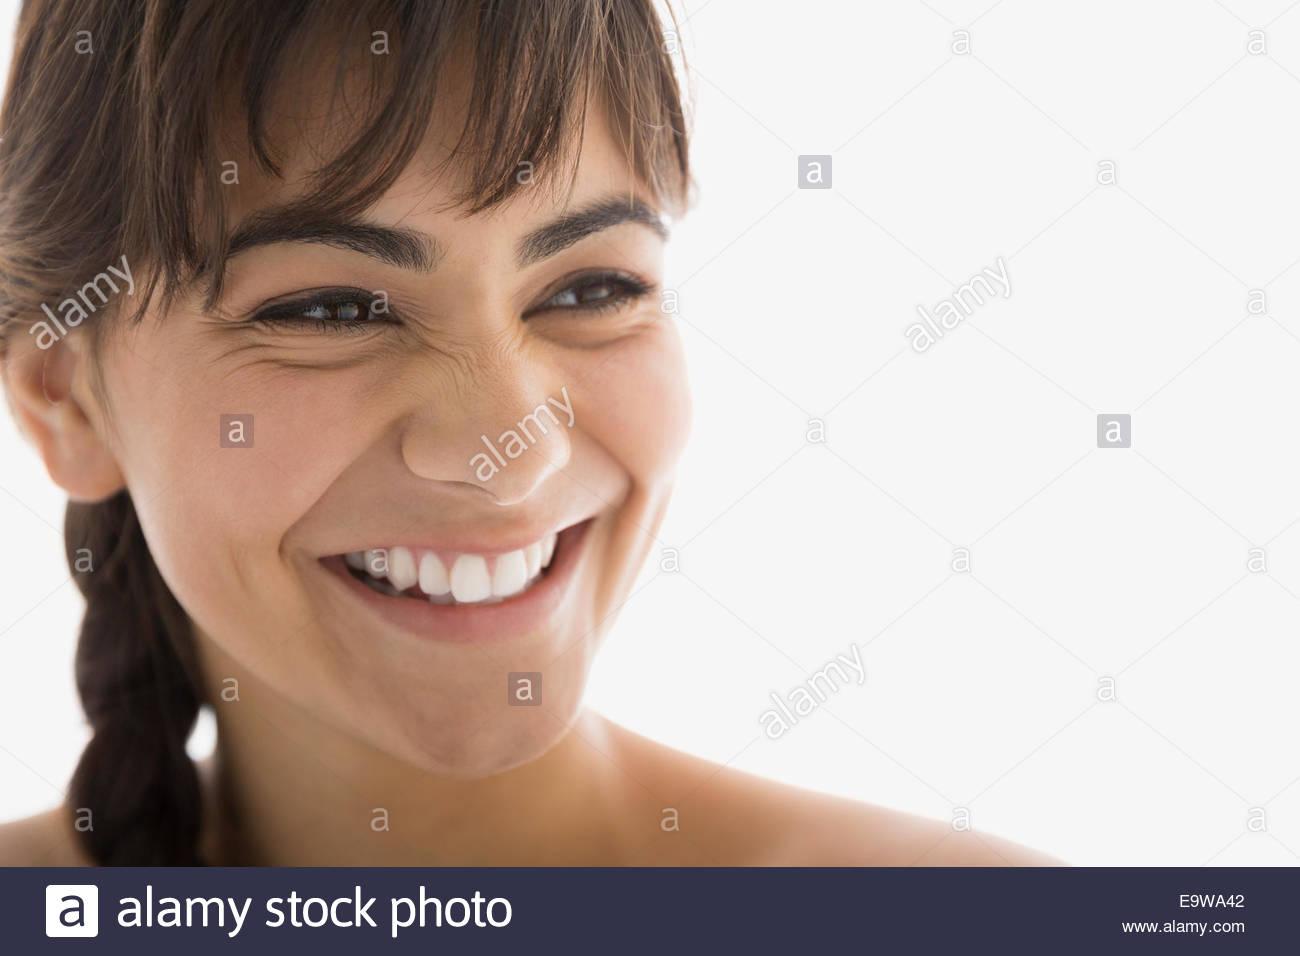 Cerca de entusiastas morena mujer mirando lejos Imagen De Stock